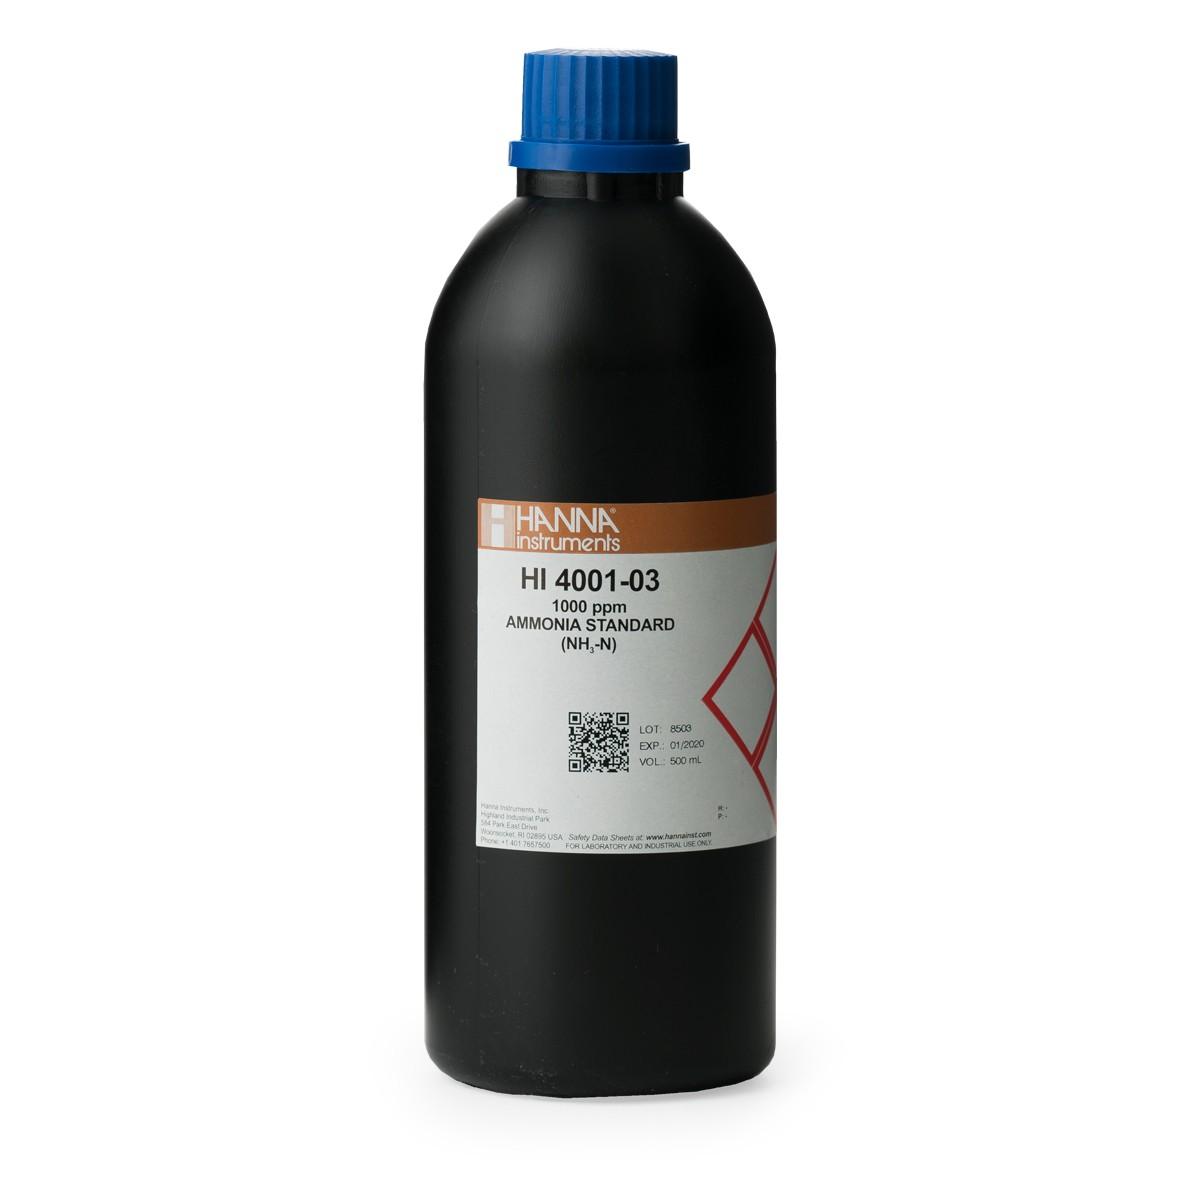 Solución Estándar de Amoníaco de 1000 ppm para ISE - HI4001-03